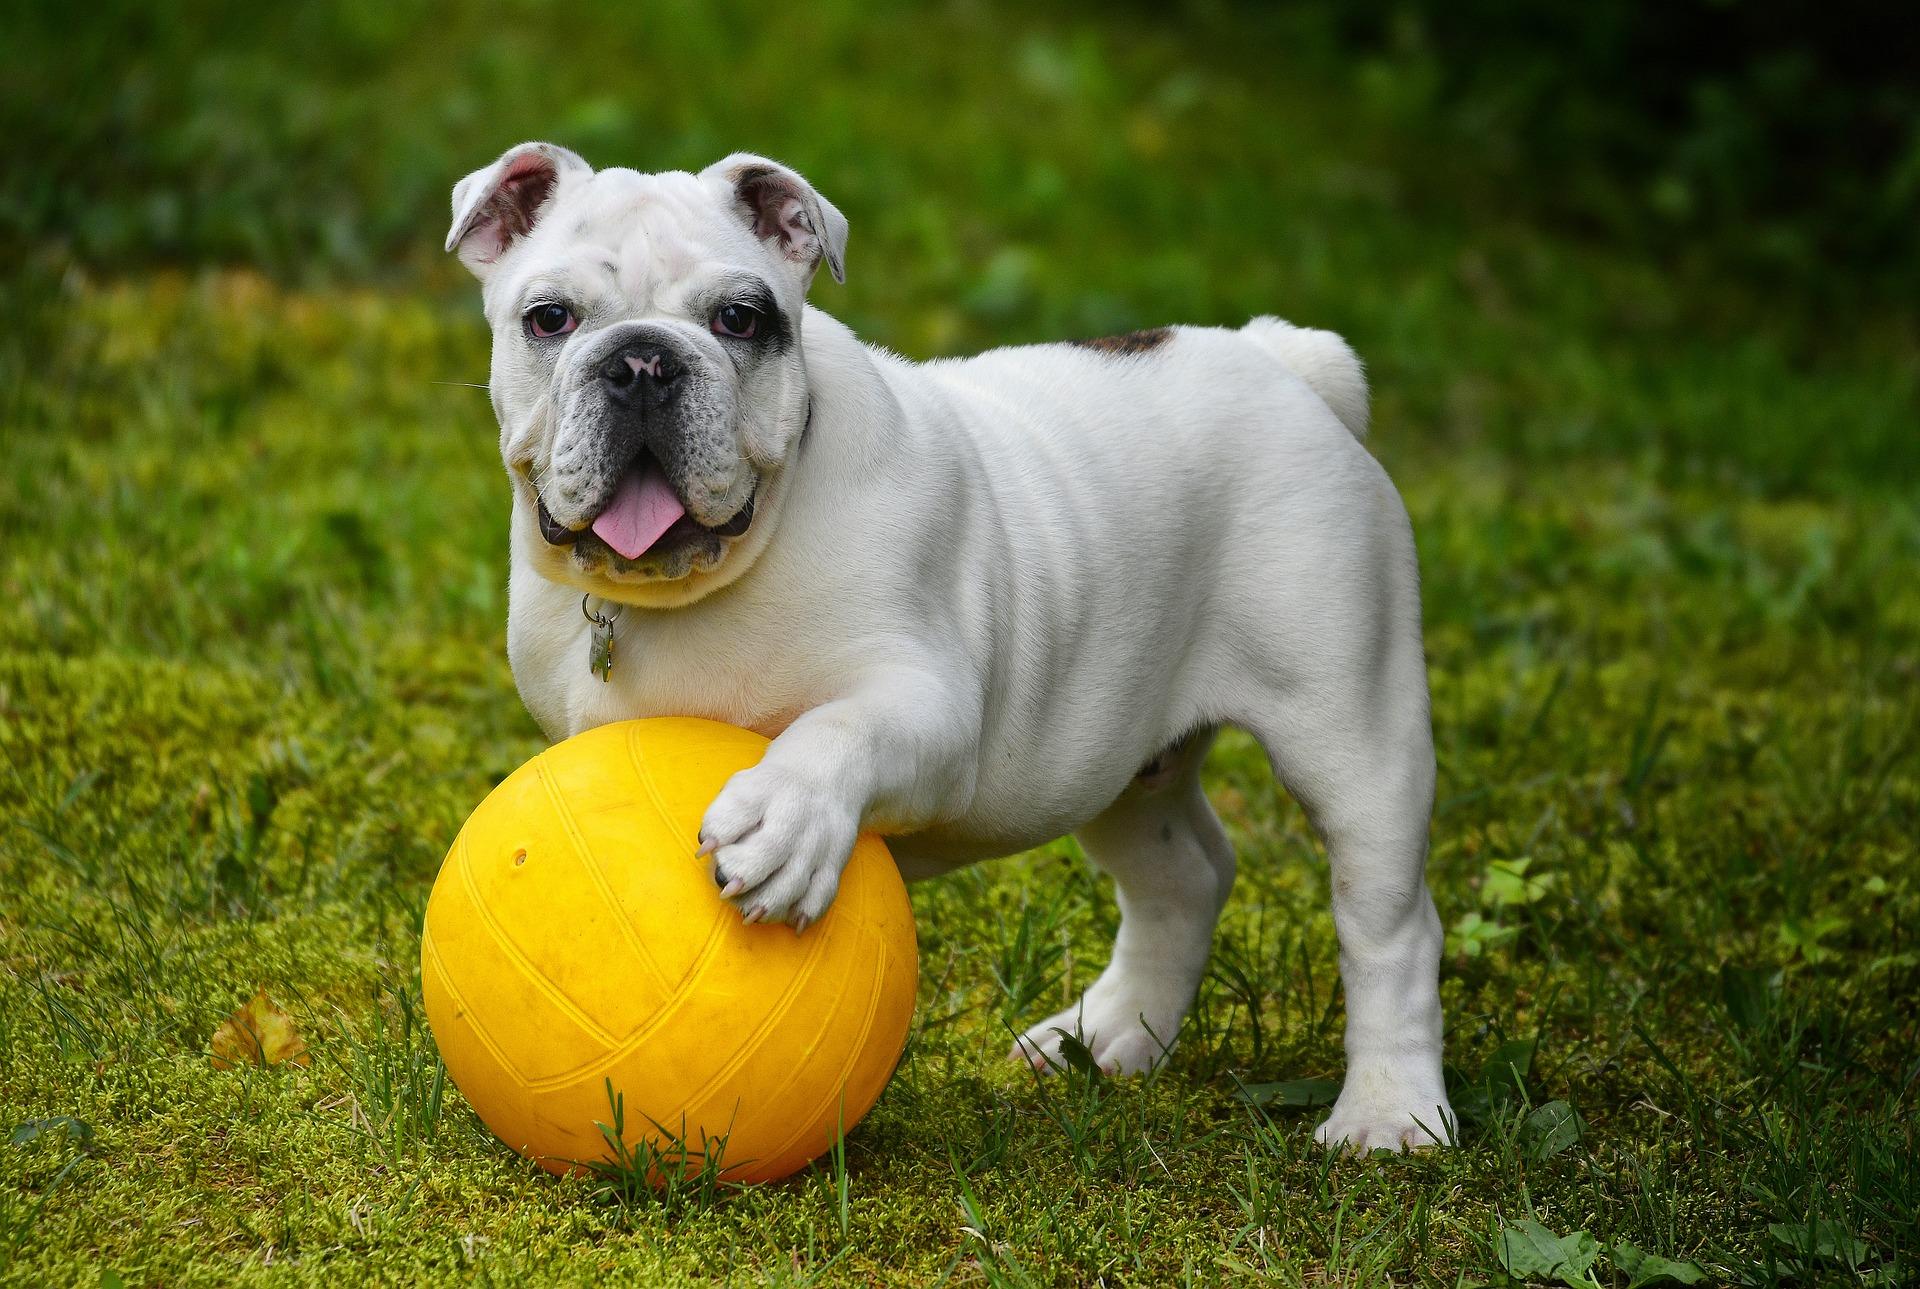 english-bulldog-562723_1920.jpg